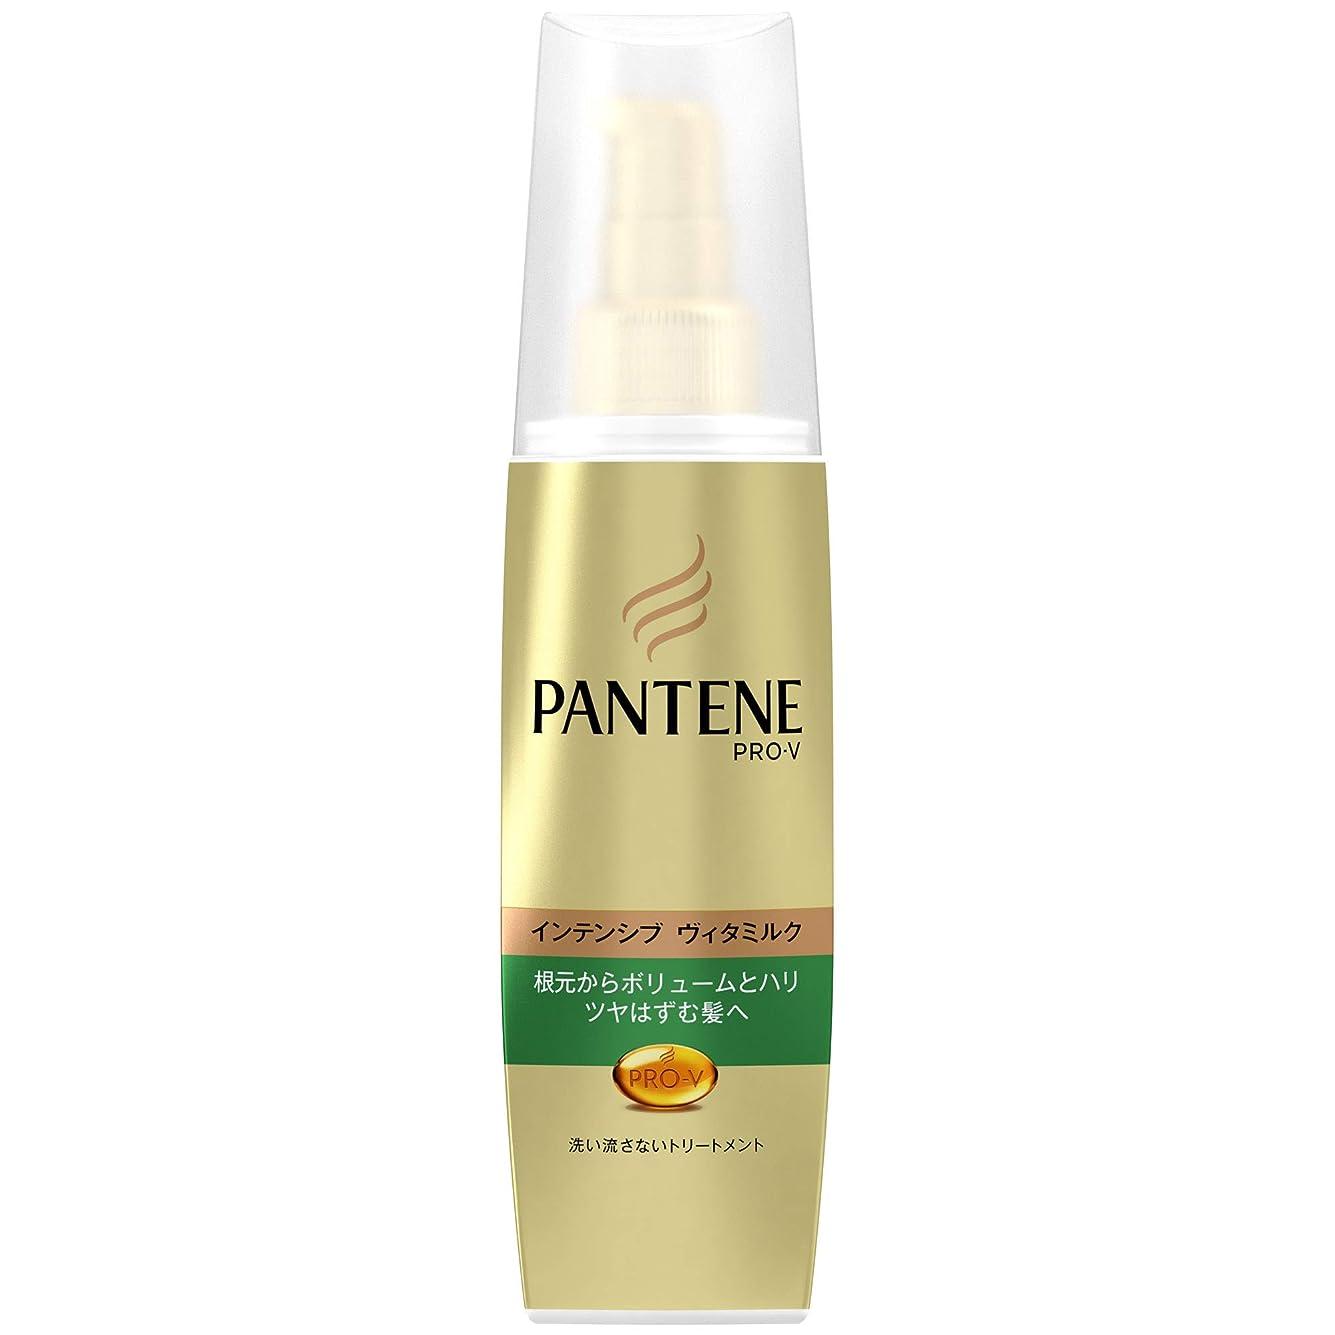 直接皮パブパンテーン 洗い流さないトリートメント インテンシブウ゛ィタミルク ボリュームのない髪用 100mL